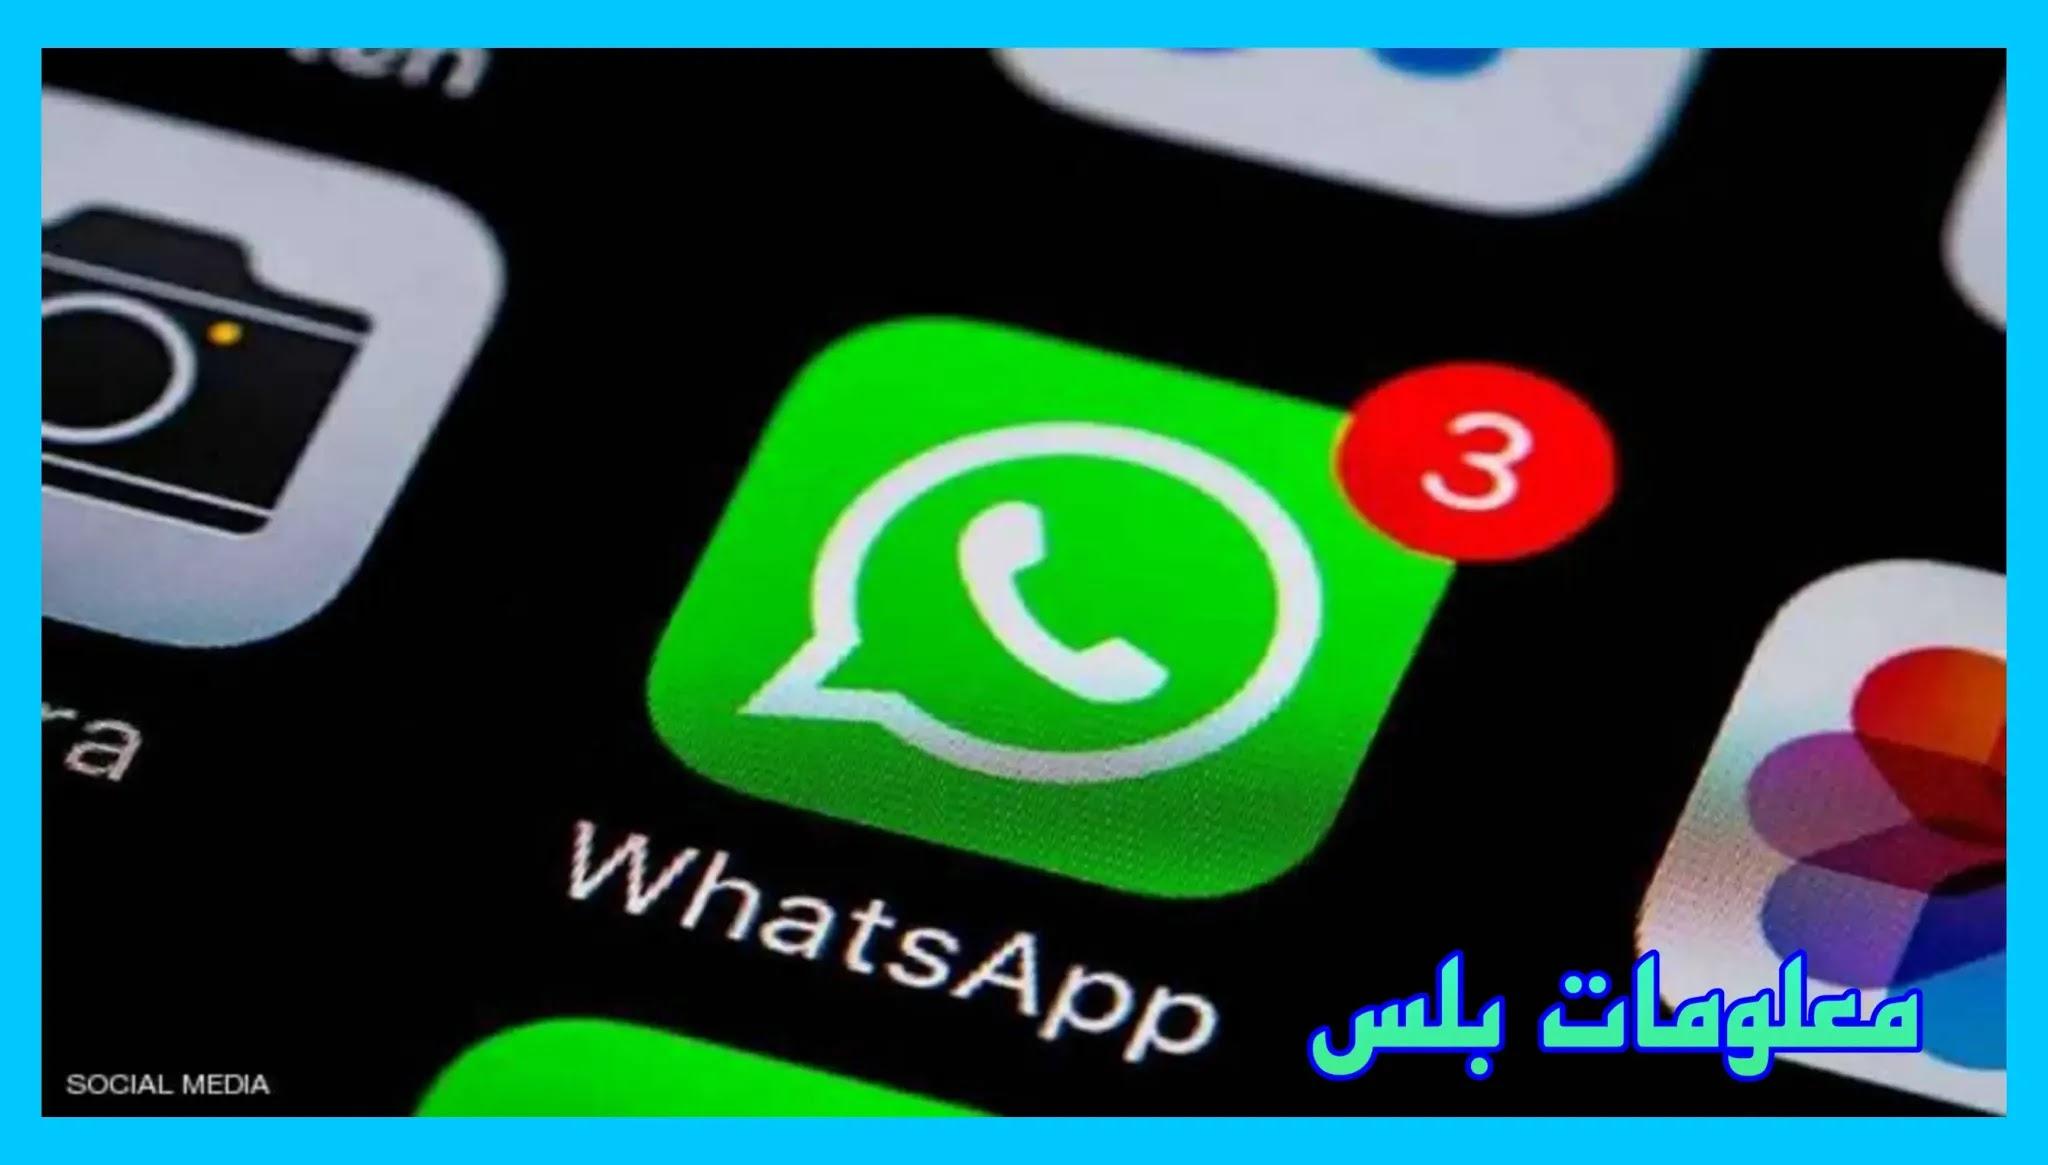 تحديث إعدادات ملفات تعريف الارتباطأخبار سيتوقف WhatsApp عن العمل على بعض الهواتف اعتبارًا من 1 يناير